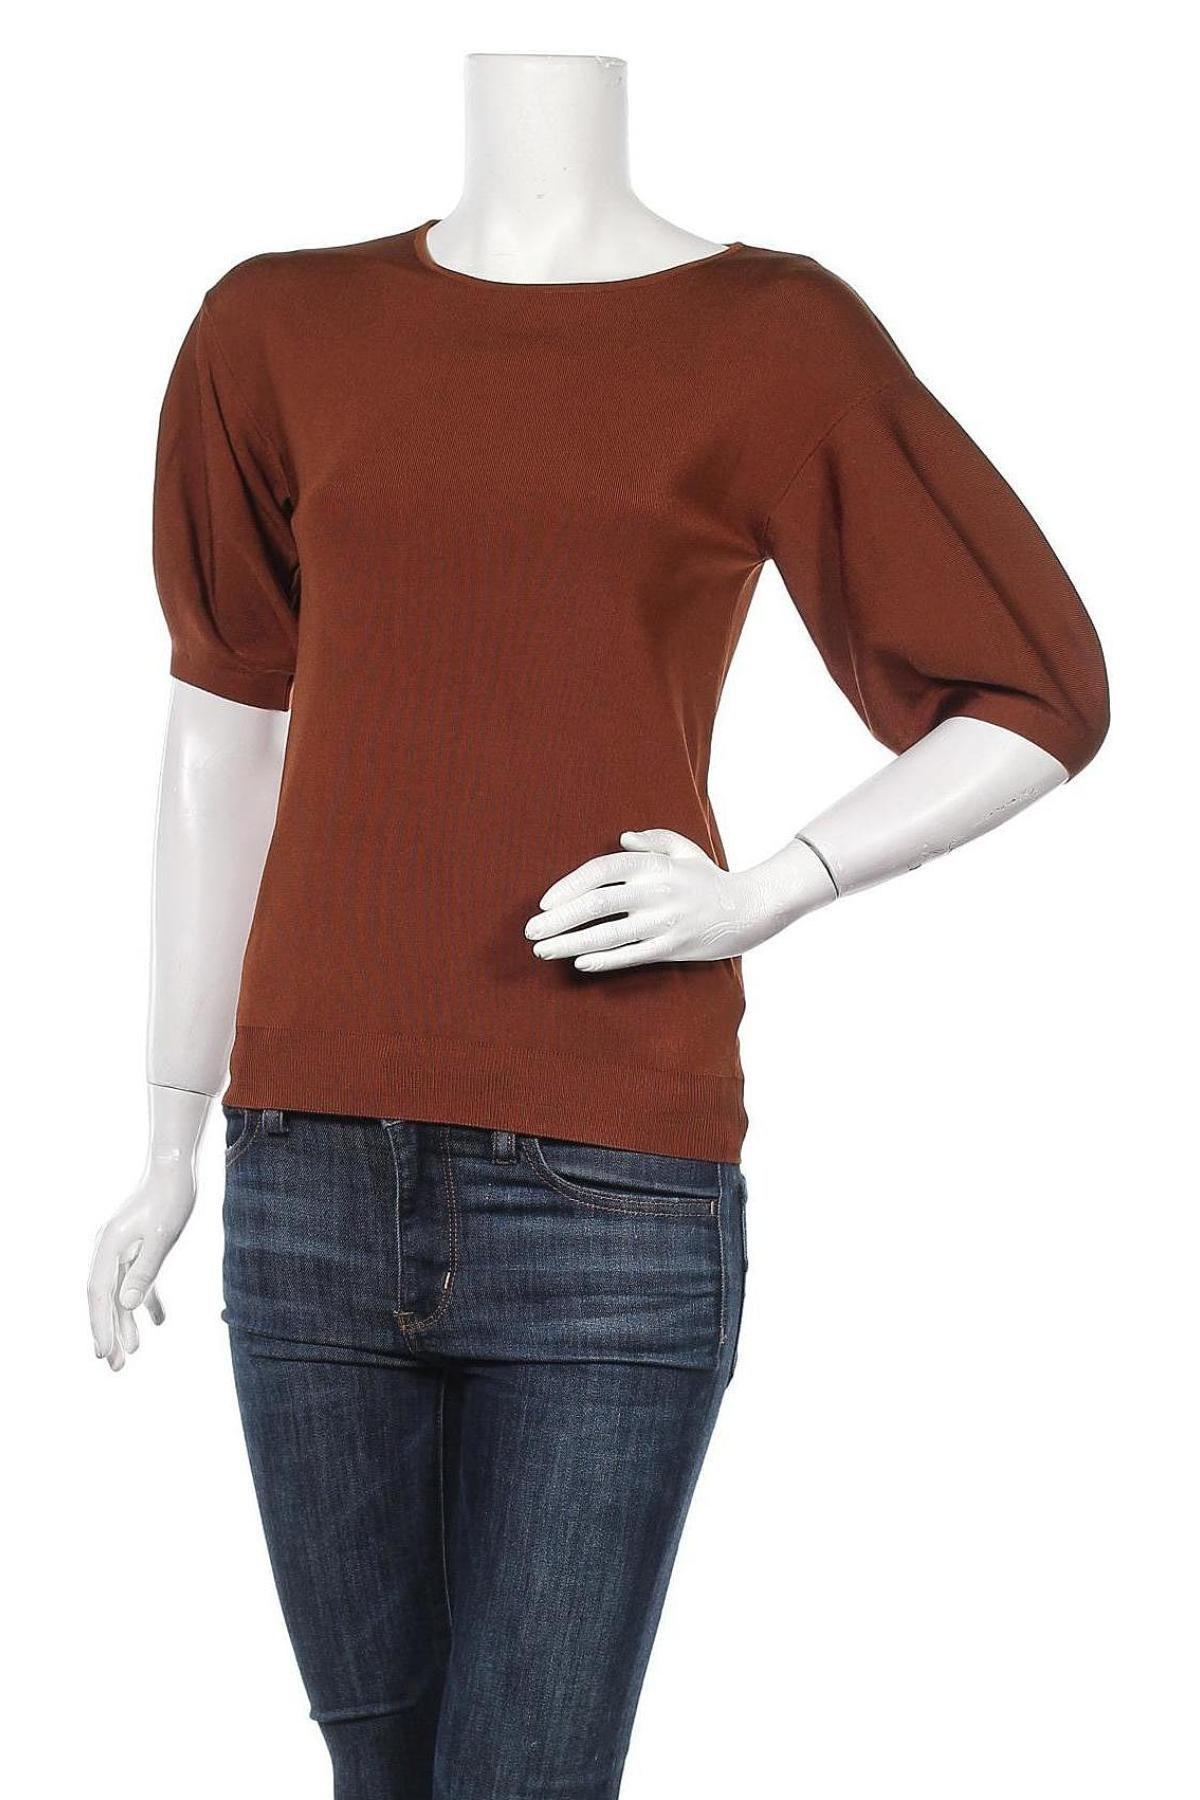 Γυναικείο πουλόβερ Massimo Dutti, Μέγεθος S, Χρώμα Καφέ, 4% ελαστάνη, 74% βισκόζη, 22% πολυαμίδη, Τιμή 19,67€